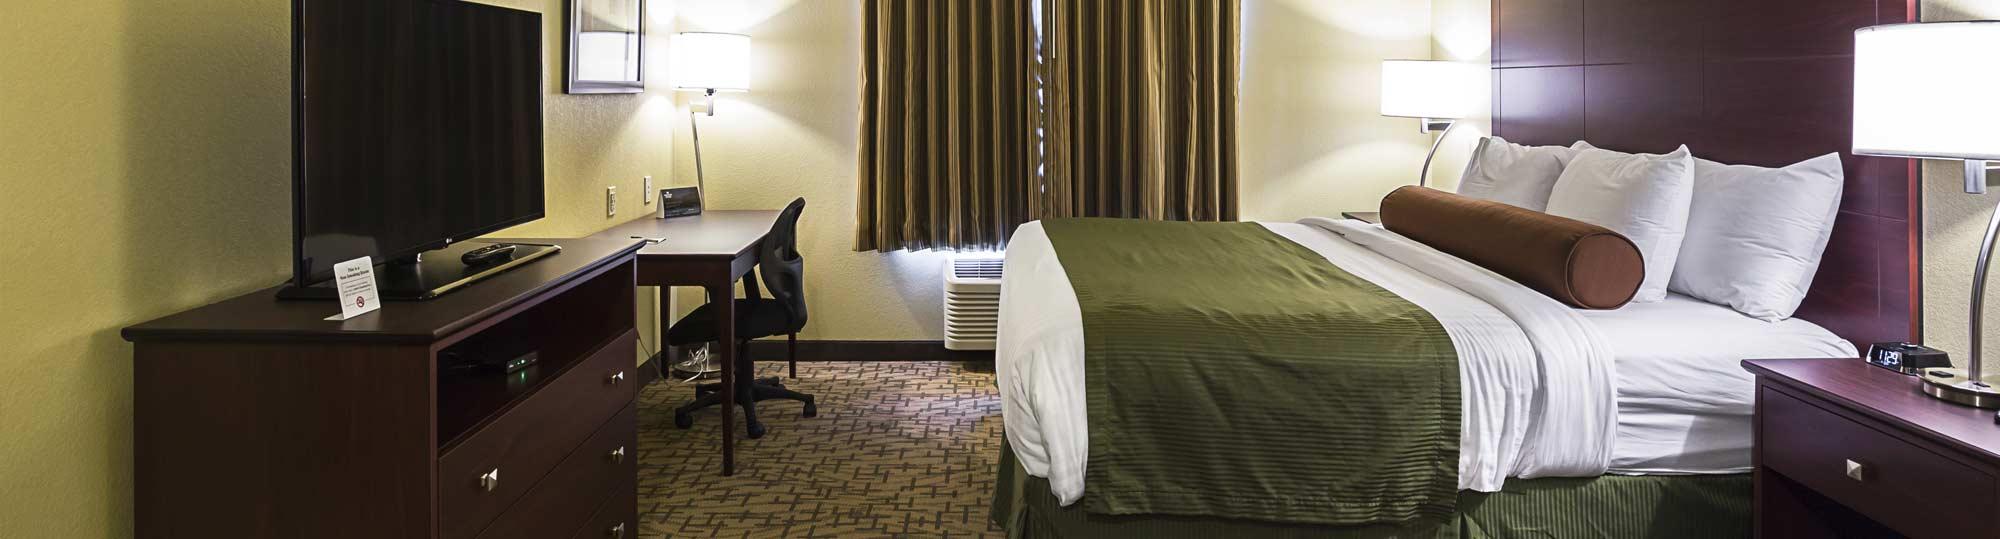 Cobblestone Inn & Suites Bridgeport